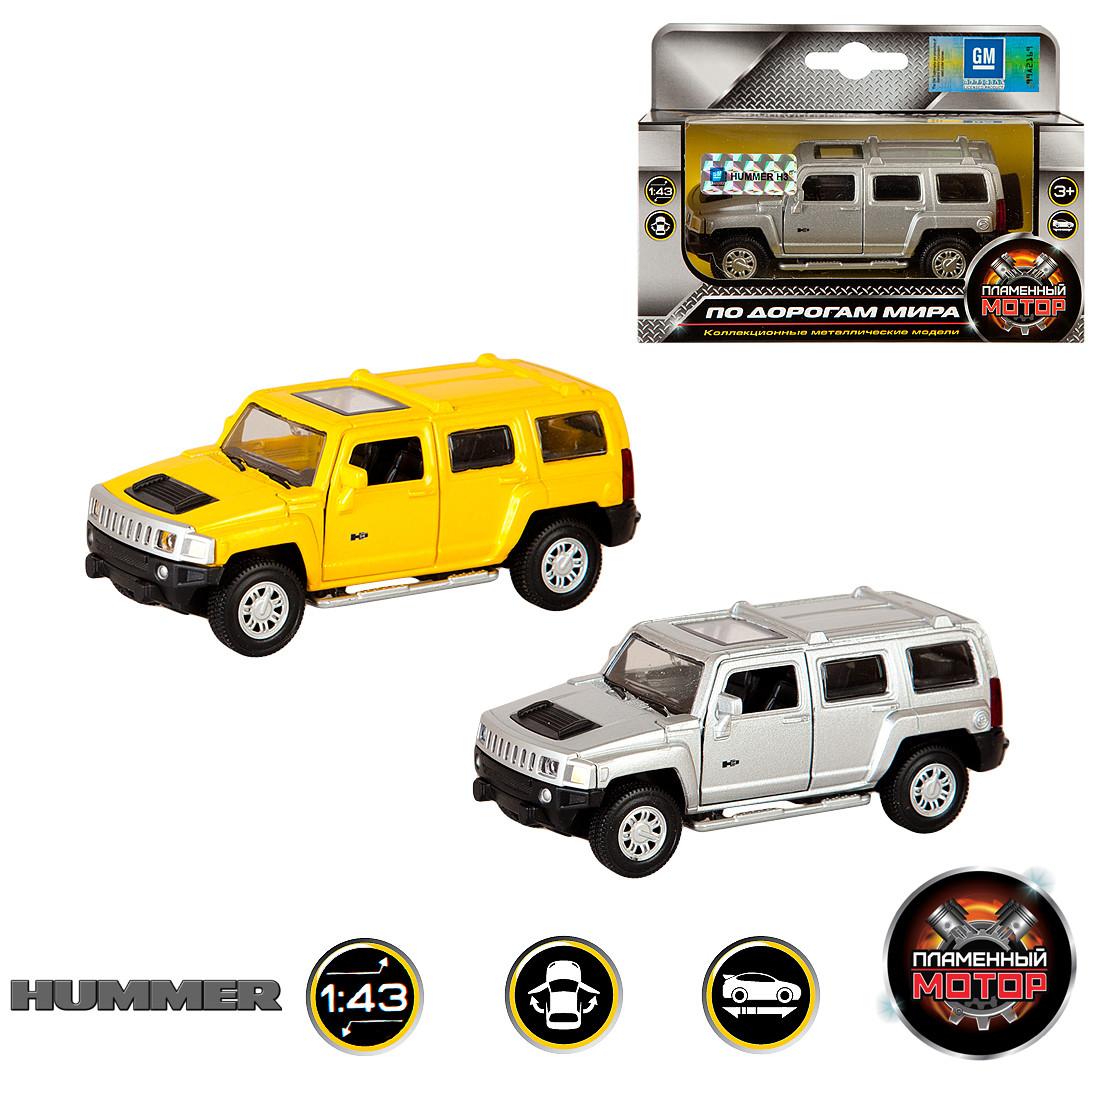 Машинки и мотоциклы Пламенный мотор Hummer H3 1:43 (870131) 1:43 машины welly модель машины 1 32 hummer h3